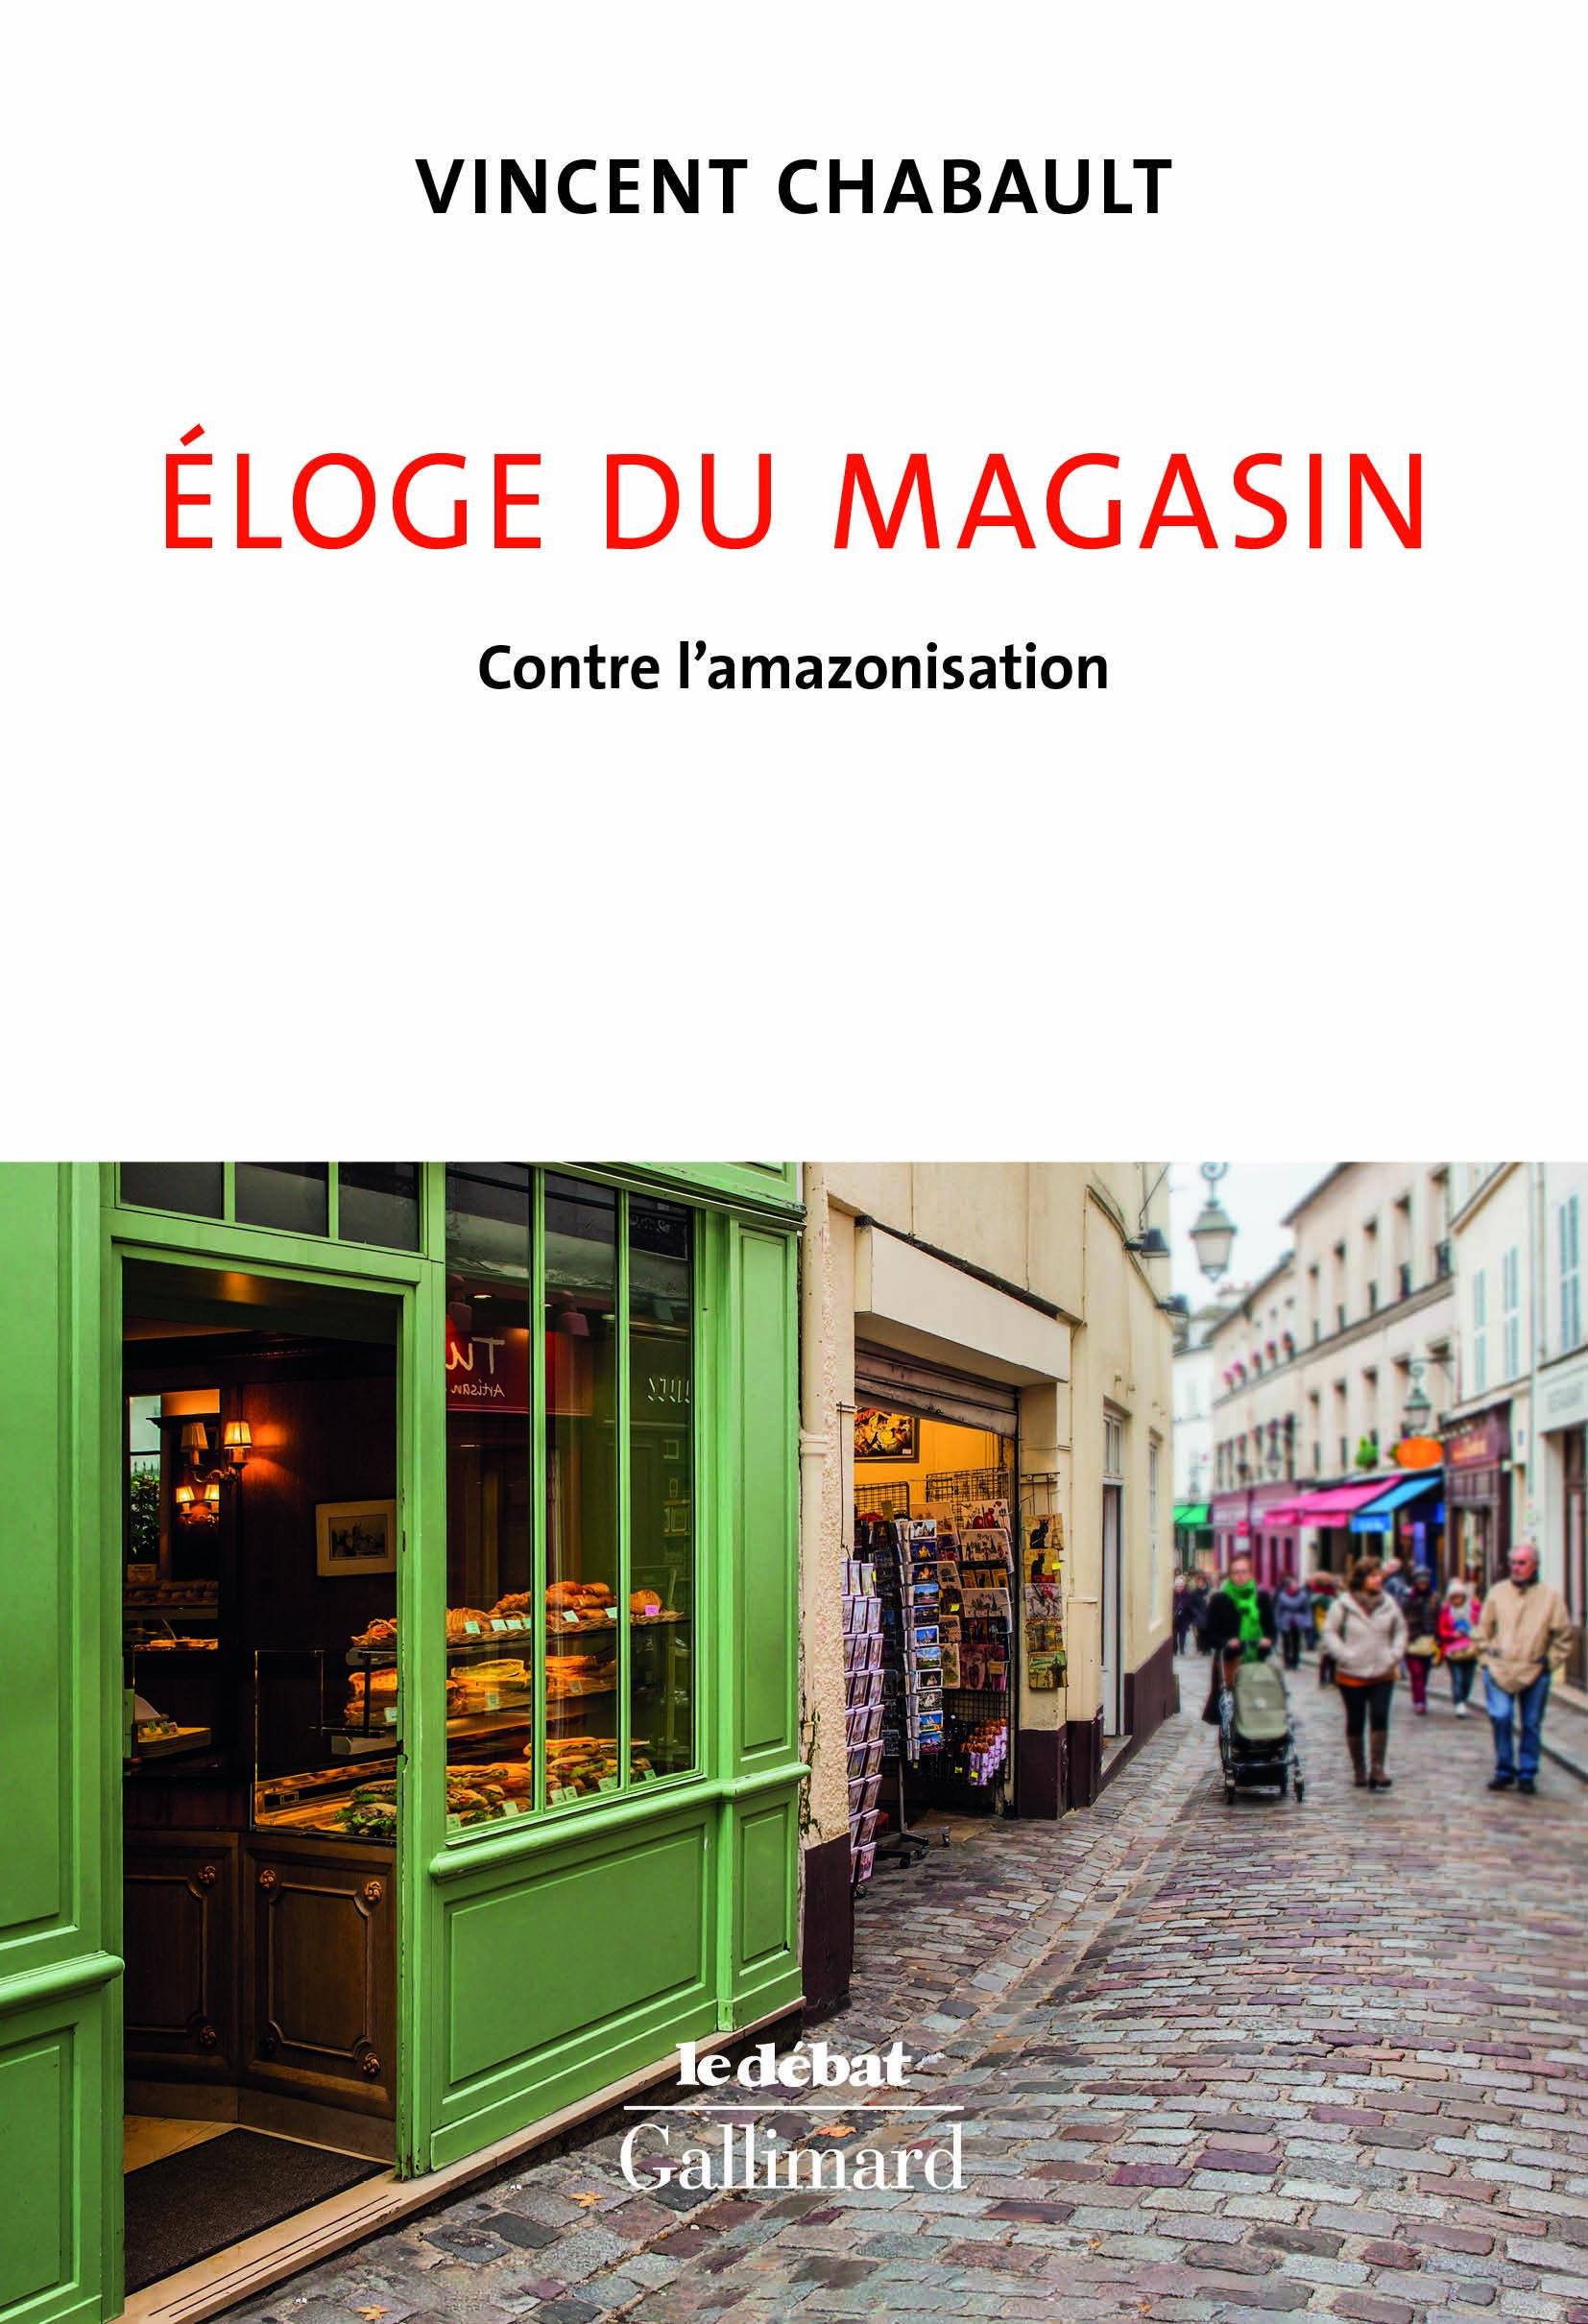 ELOGE DU MAGASIN - CONTRE L'AMAZONISATION